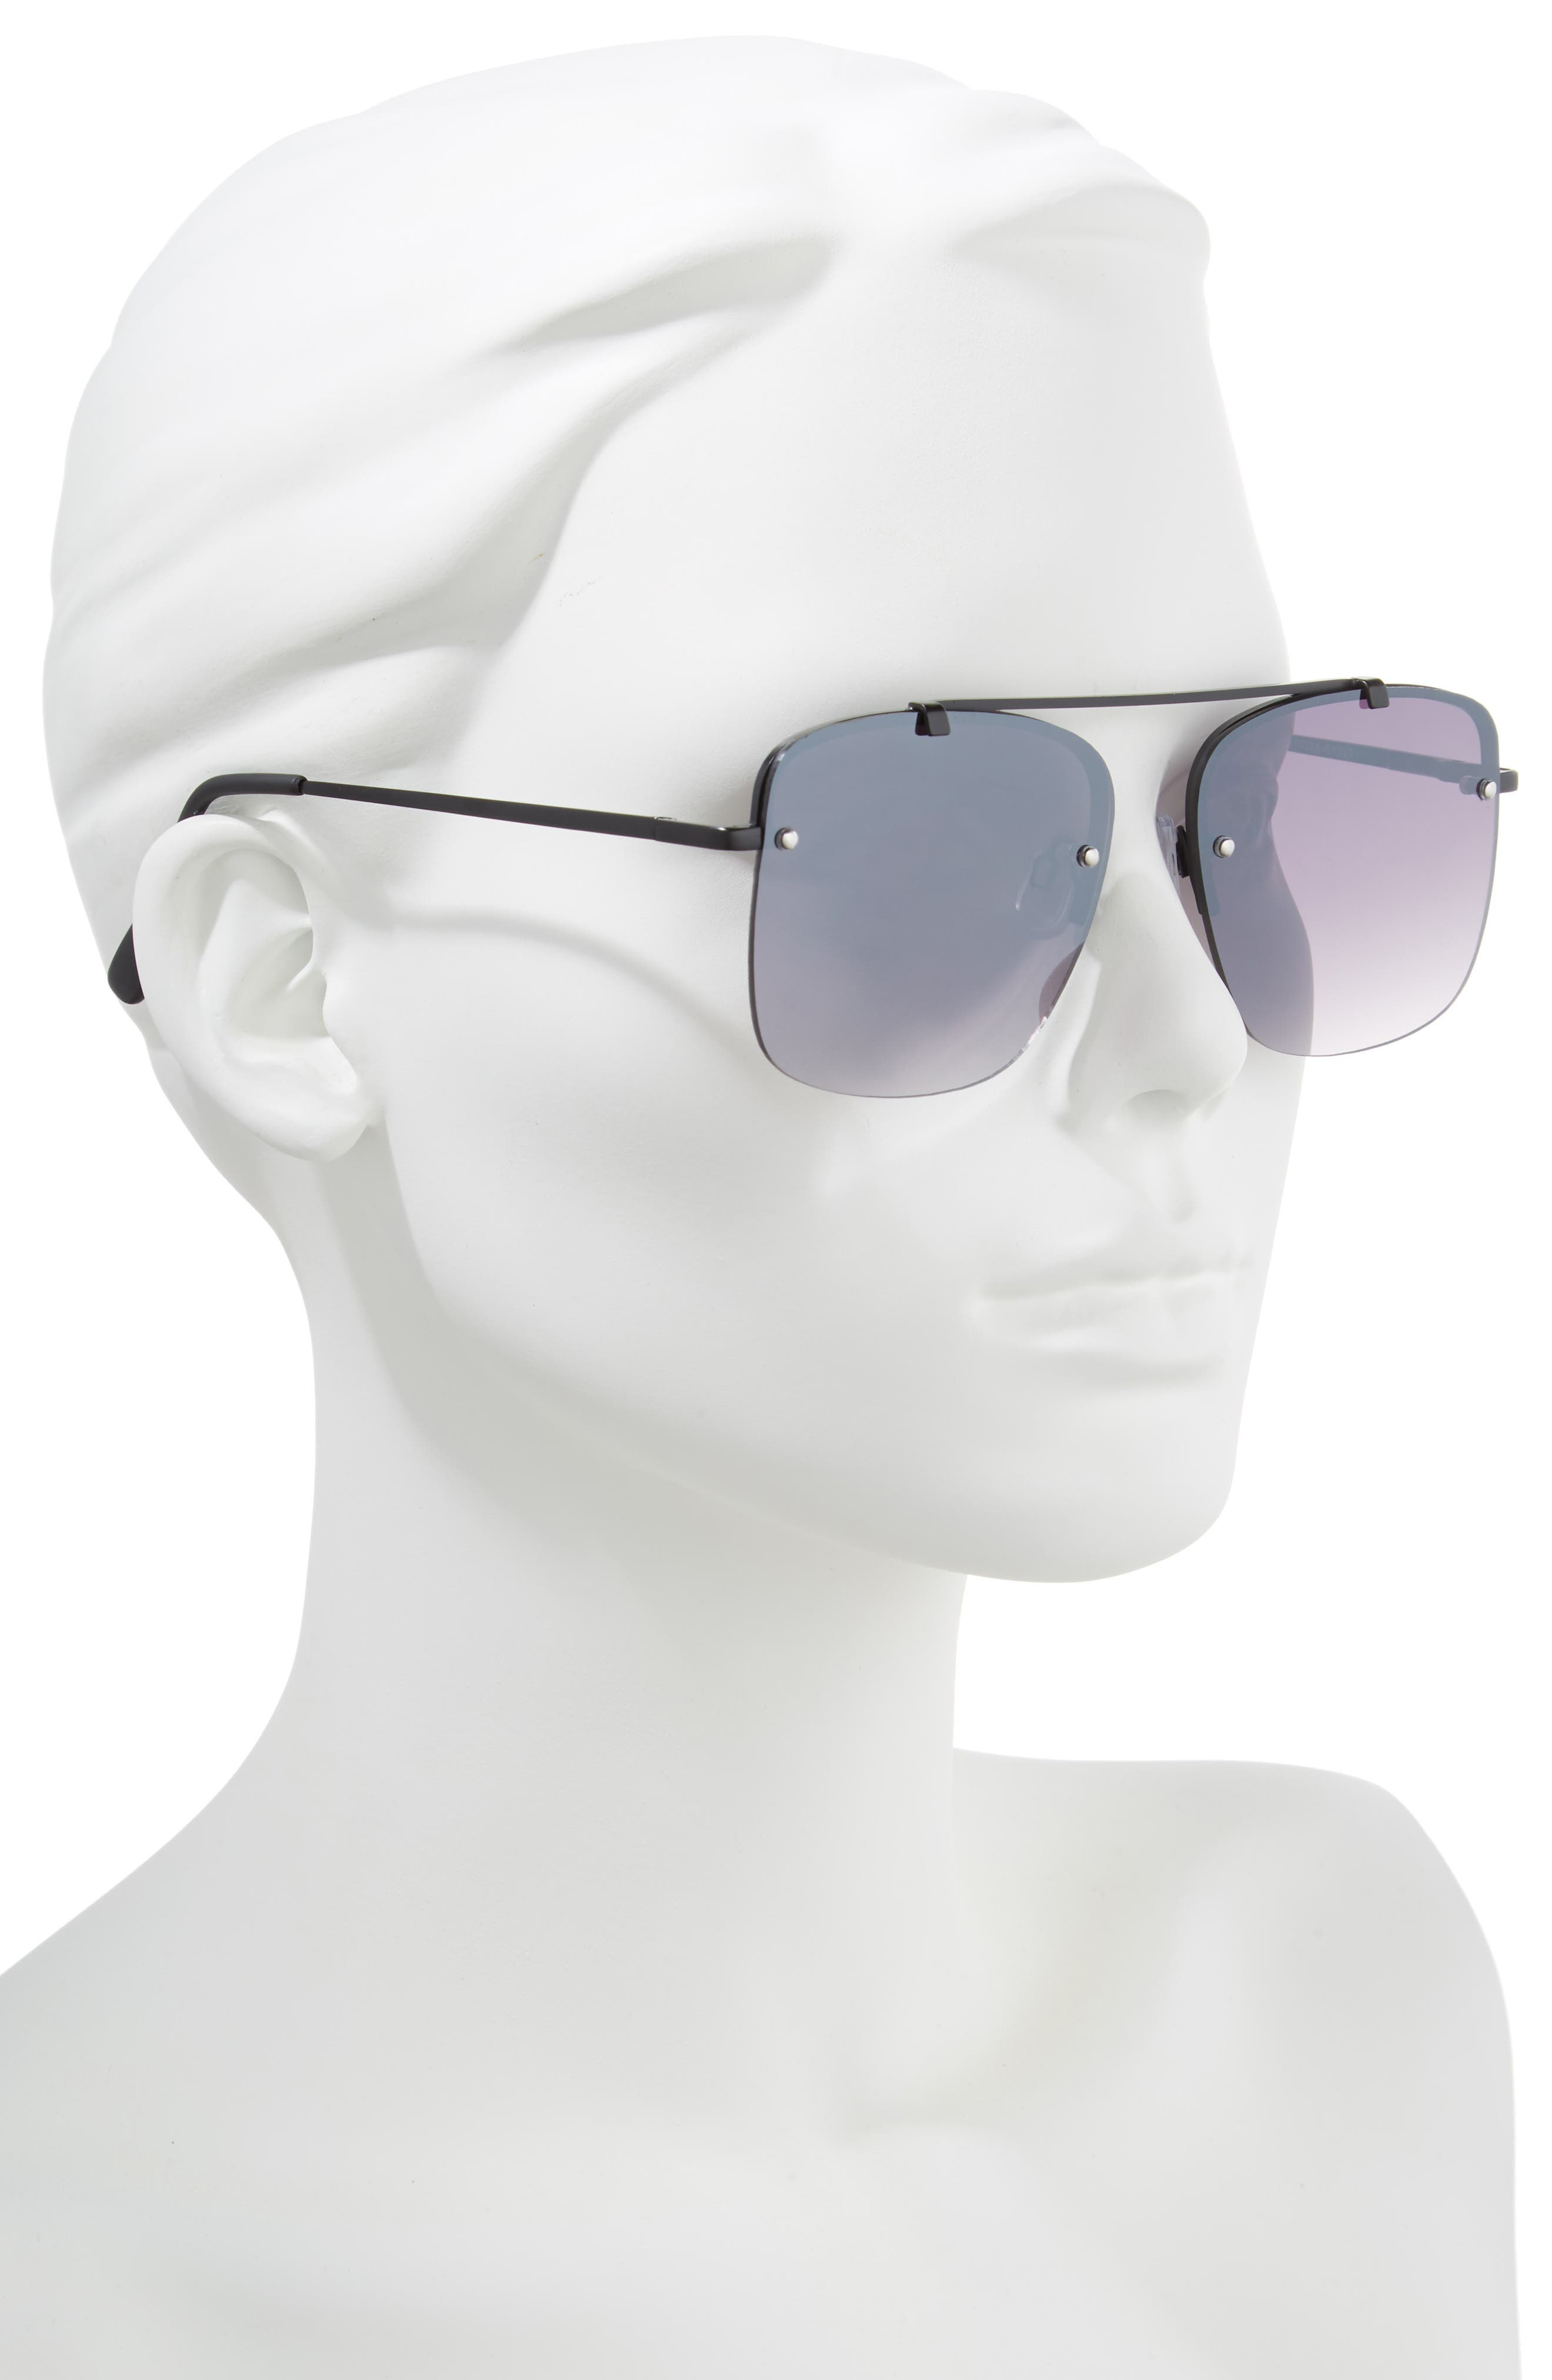 Rimless Square Sunglasses,                             Alternate thumbnail 2, color,                             Black/ Black